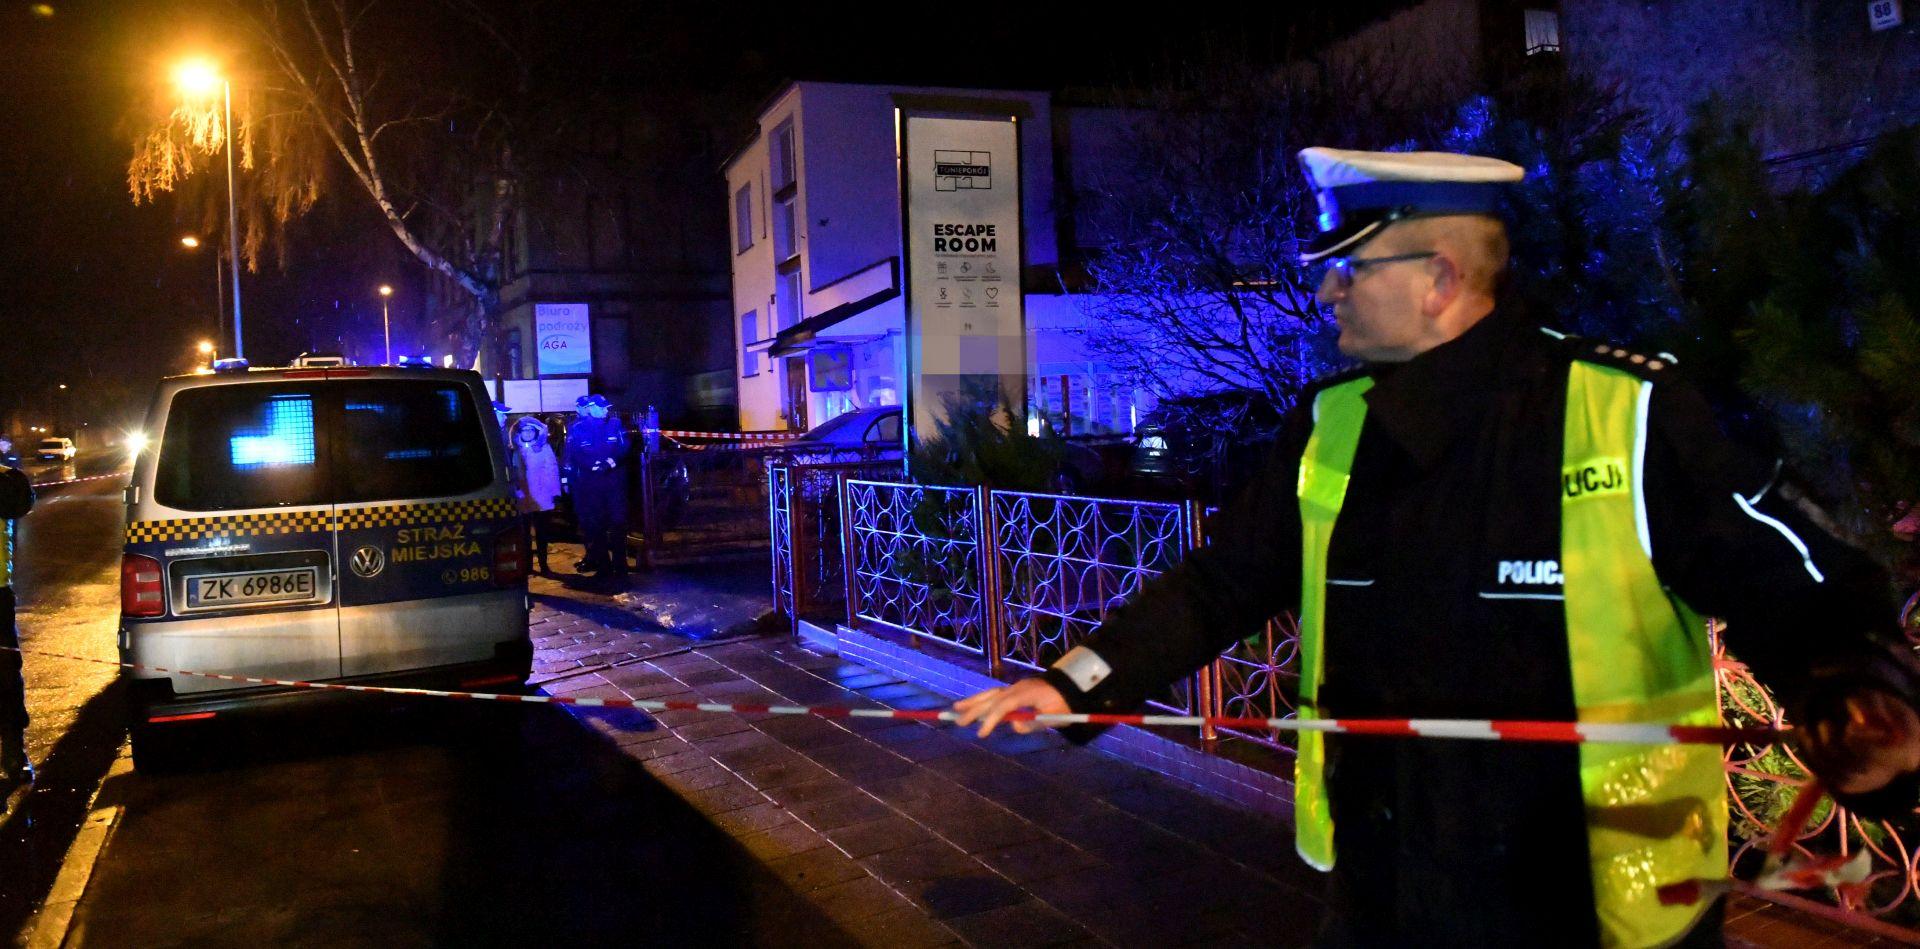 Petero tinejdžerica stradalo u požaru u escape roomu u Poljskoj